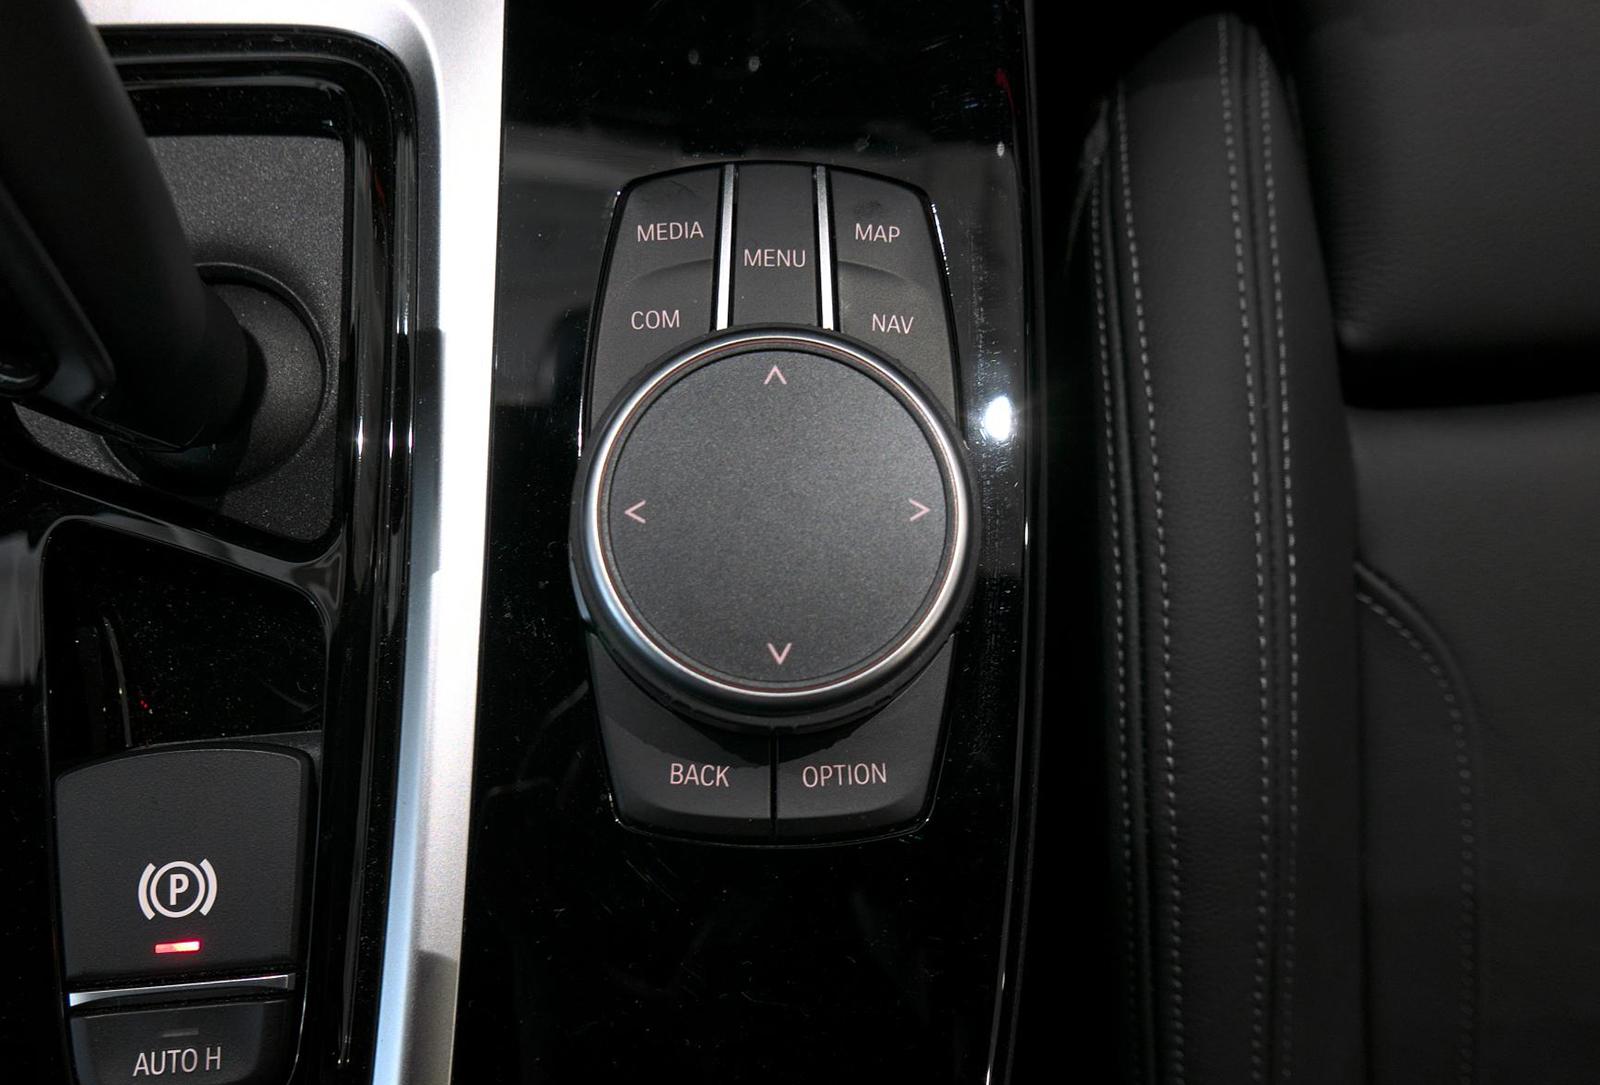 BMW アルピナ XD4 Allrad ナビ操作パネル